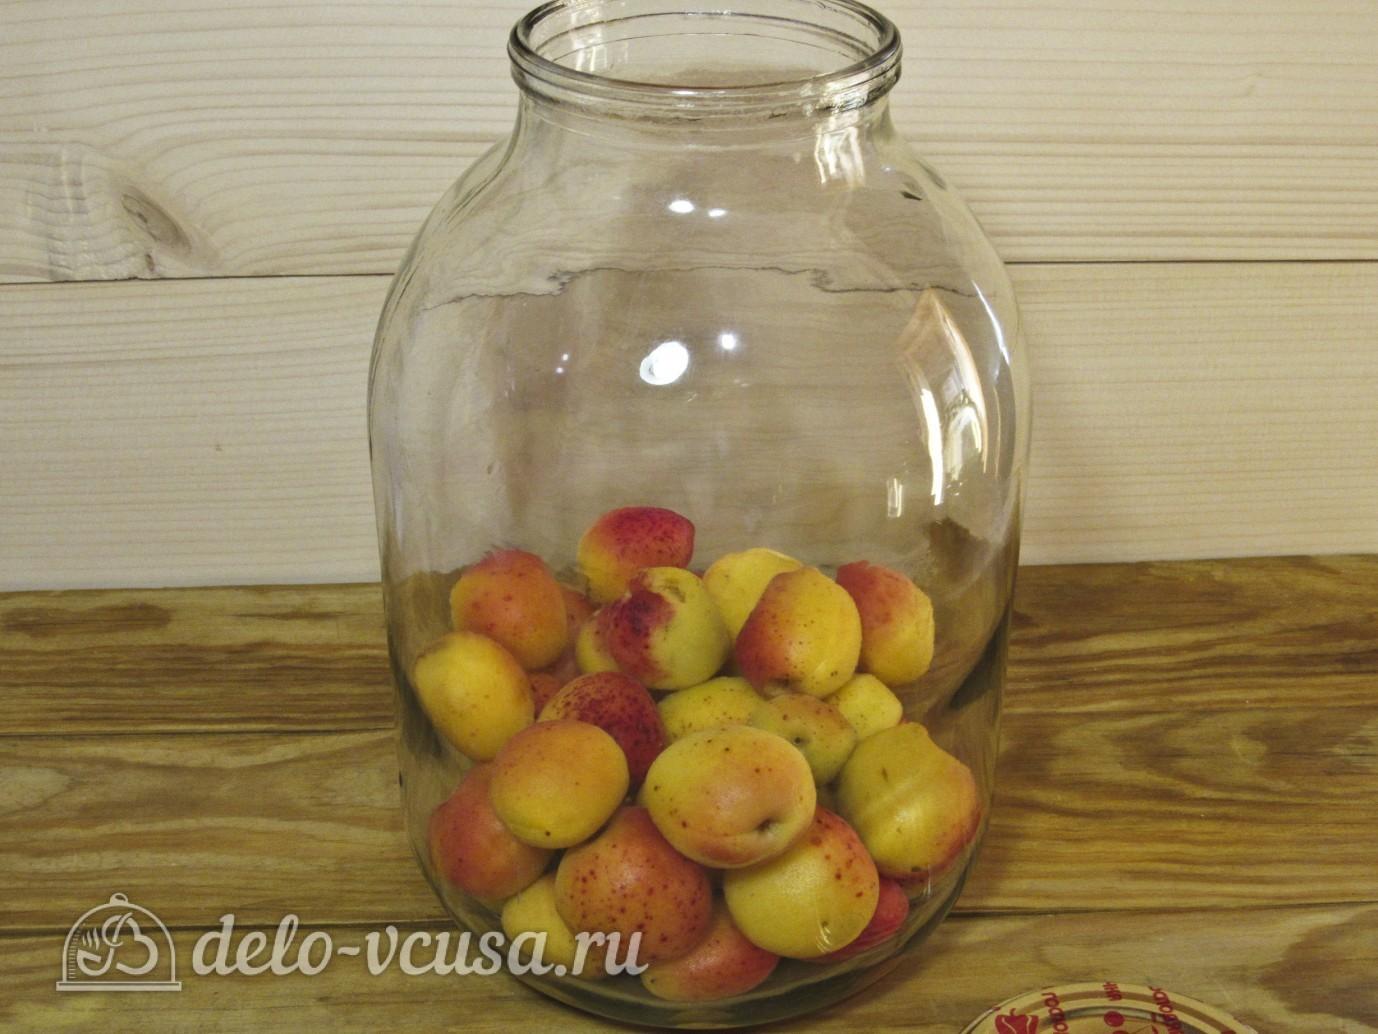 Готовим любимый и вкусный компот из абрикосов рецепт с фото